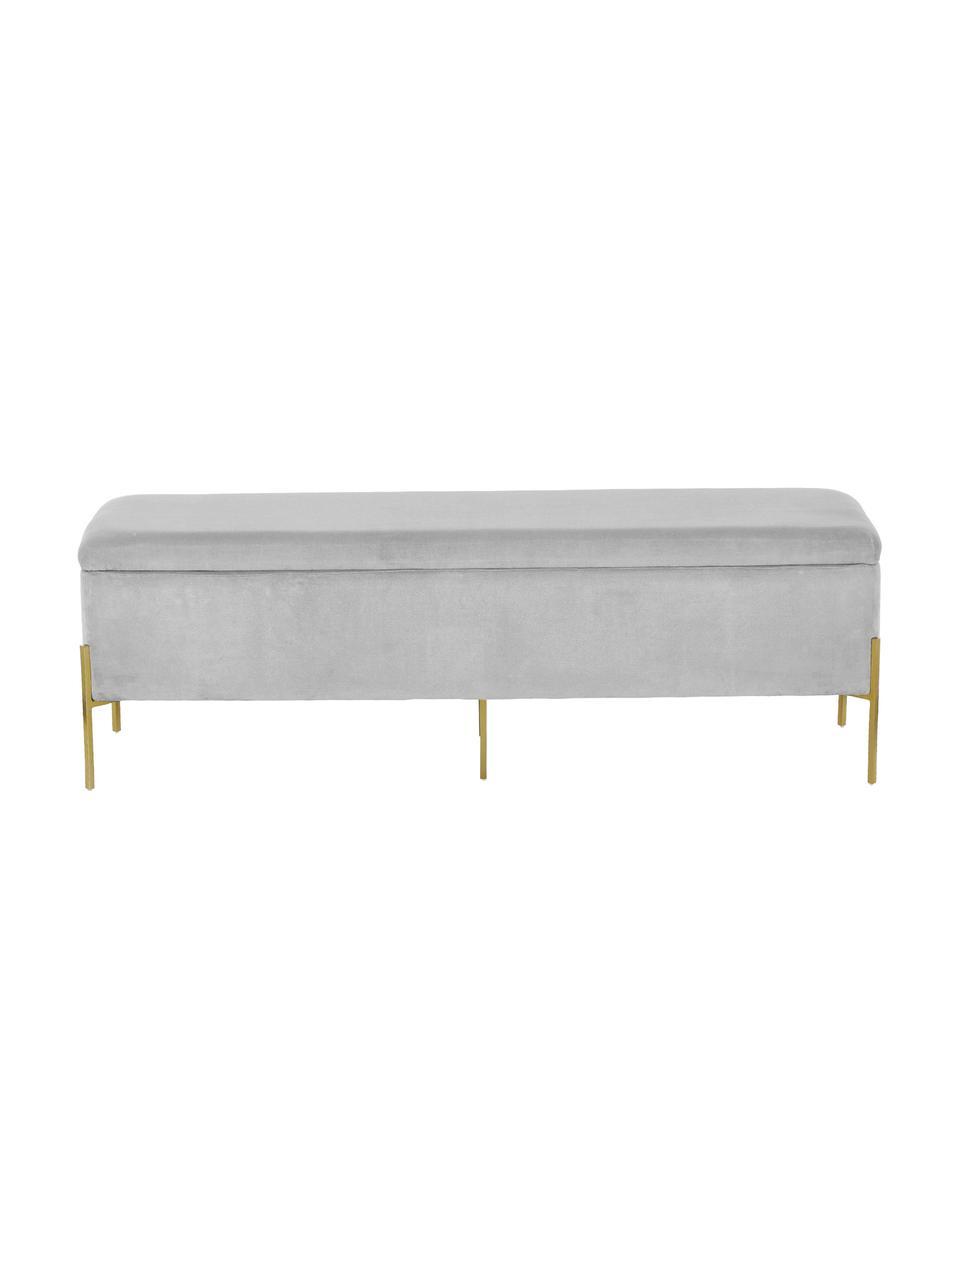 Tapicerowana ławka z aksamitu ze schowkiem Harper, Tapicerka: aksamit bawełniany 20000, Noga: metal malowany proszkowo, Jasny szary, S 140 x W 45 cm